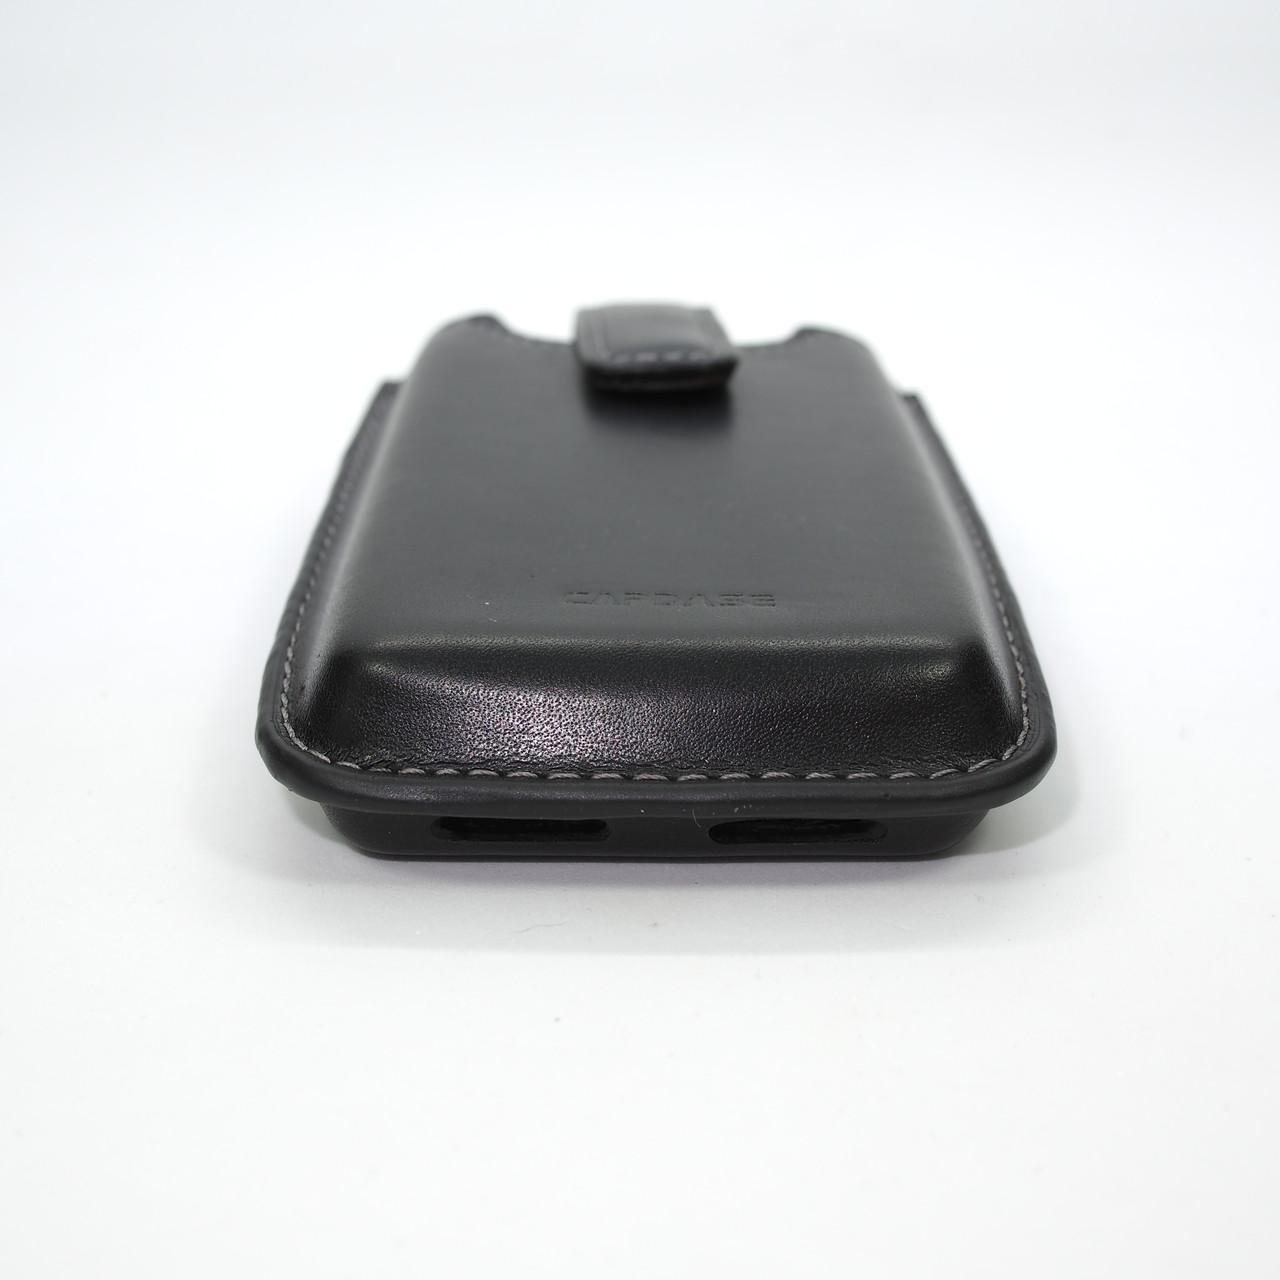 Чехол-карман Capdase Pocket универсальный 100*51*17mm Для телефона